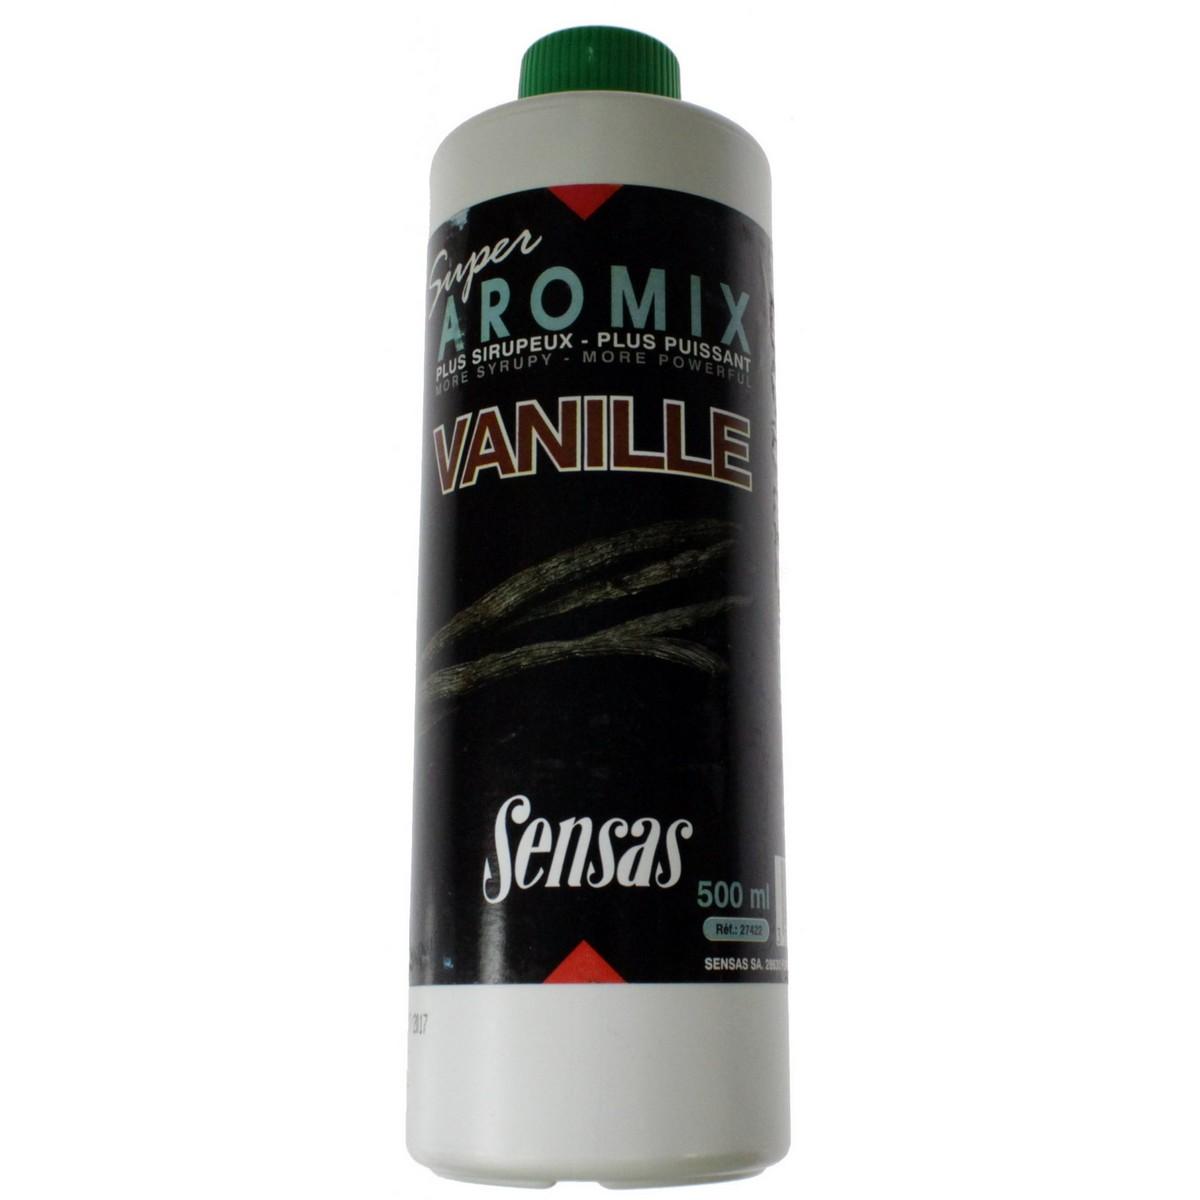 Течен ароматизатор Sensas Super Aromix - Vanilla